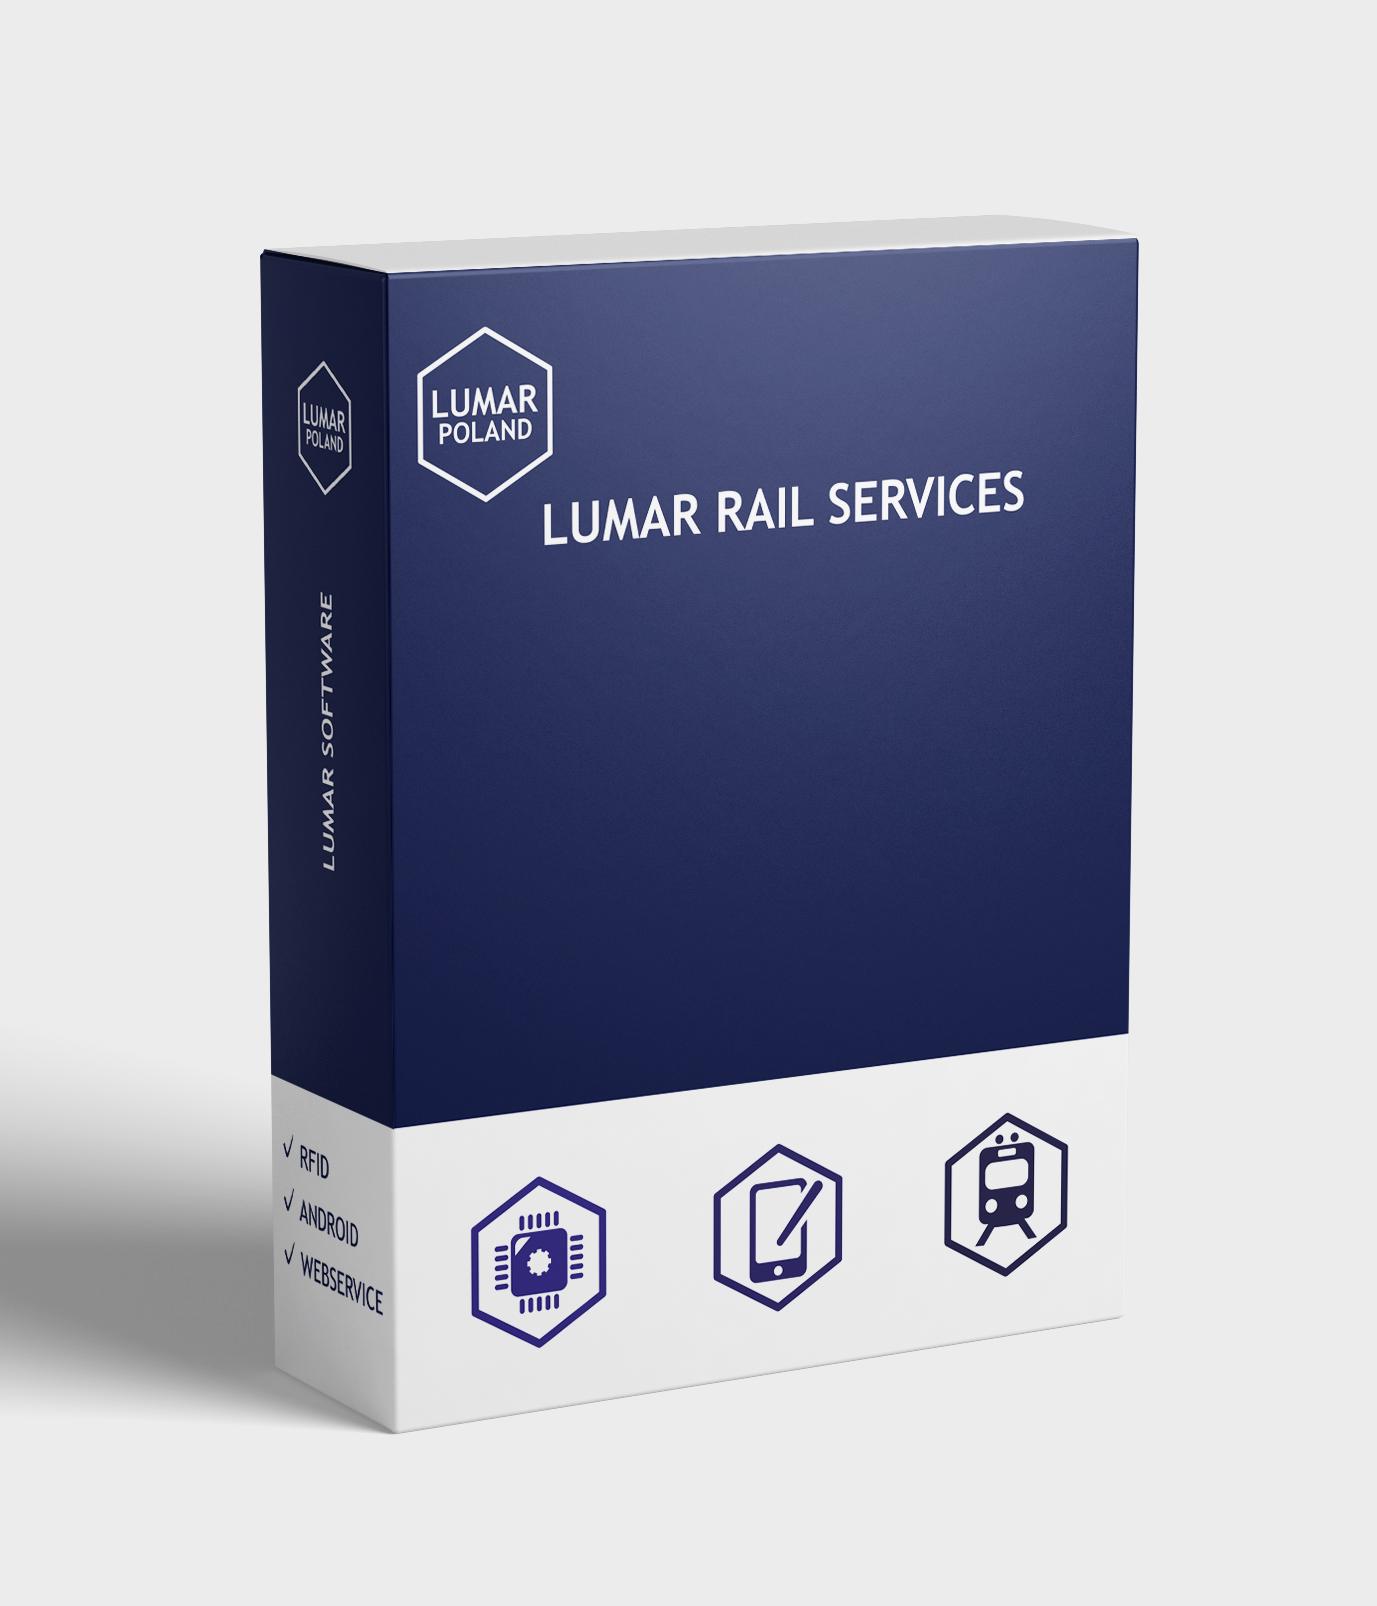 Lumar Rail Services